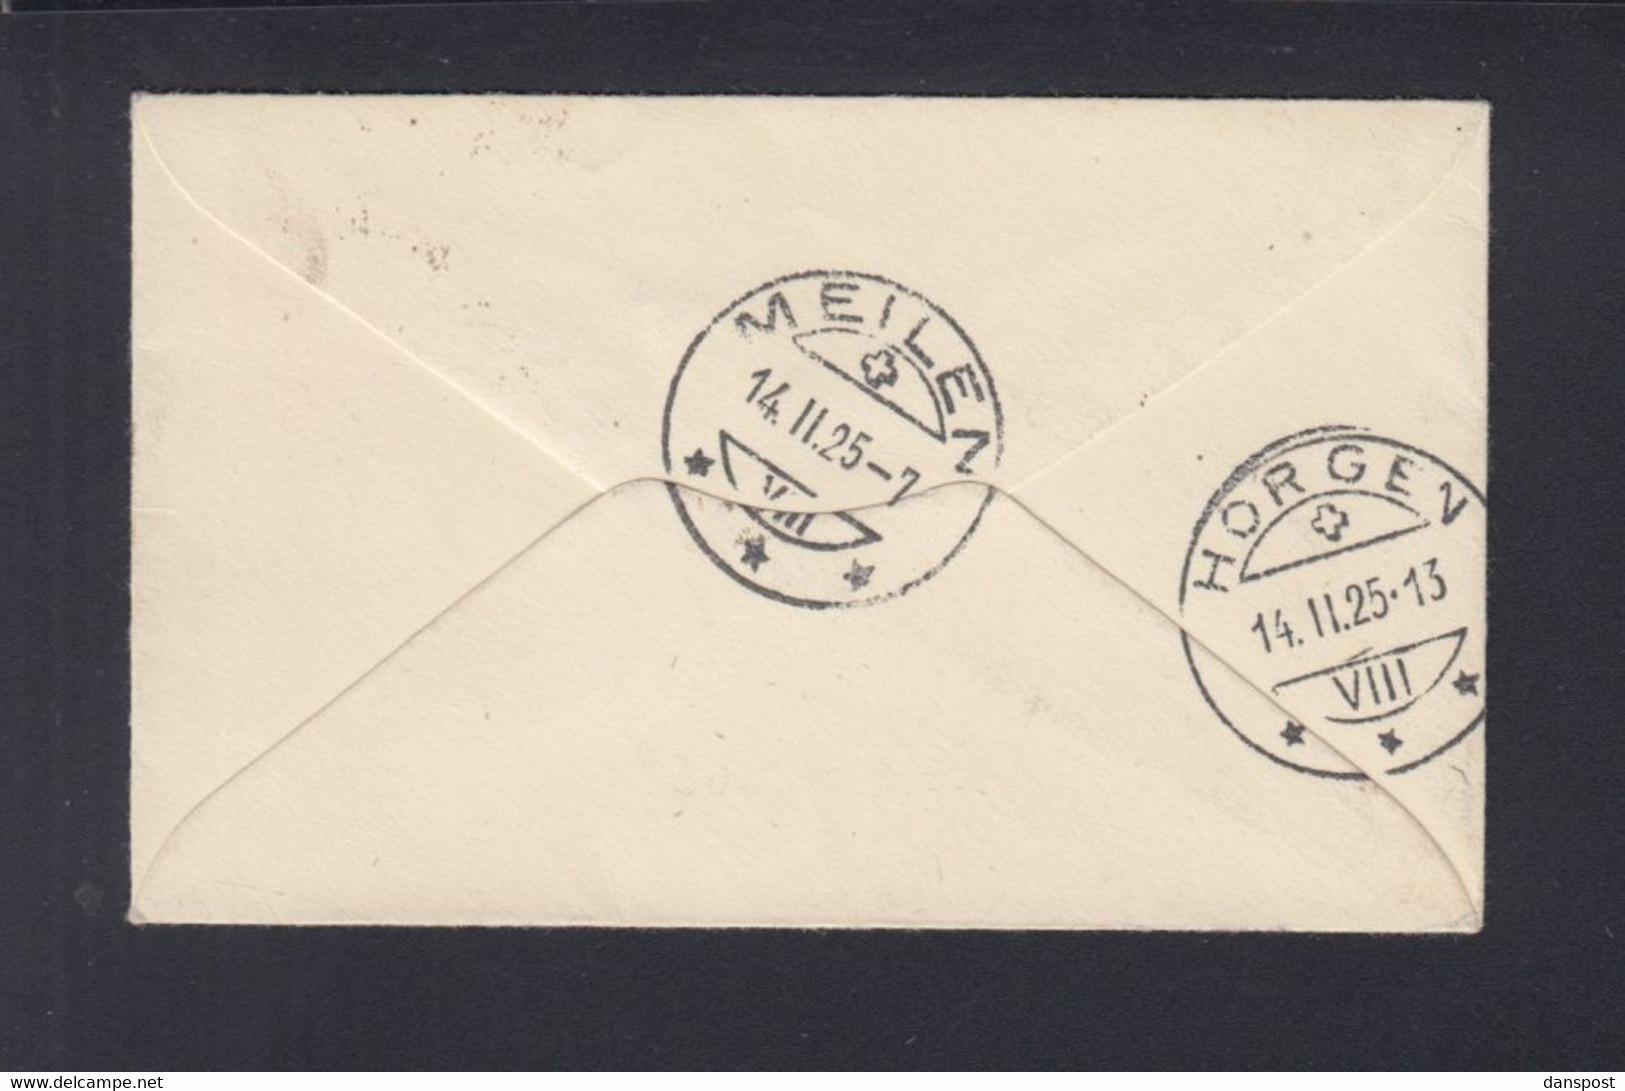 Frankreich France Tunisie Kleinbrief 1925 Tunis Nach Schweiz - Briefe U. Dokumente